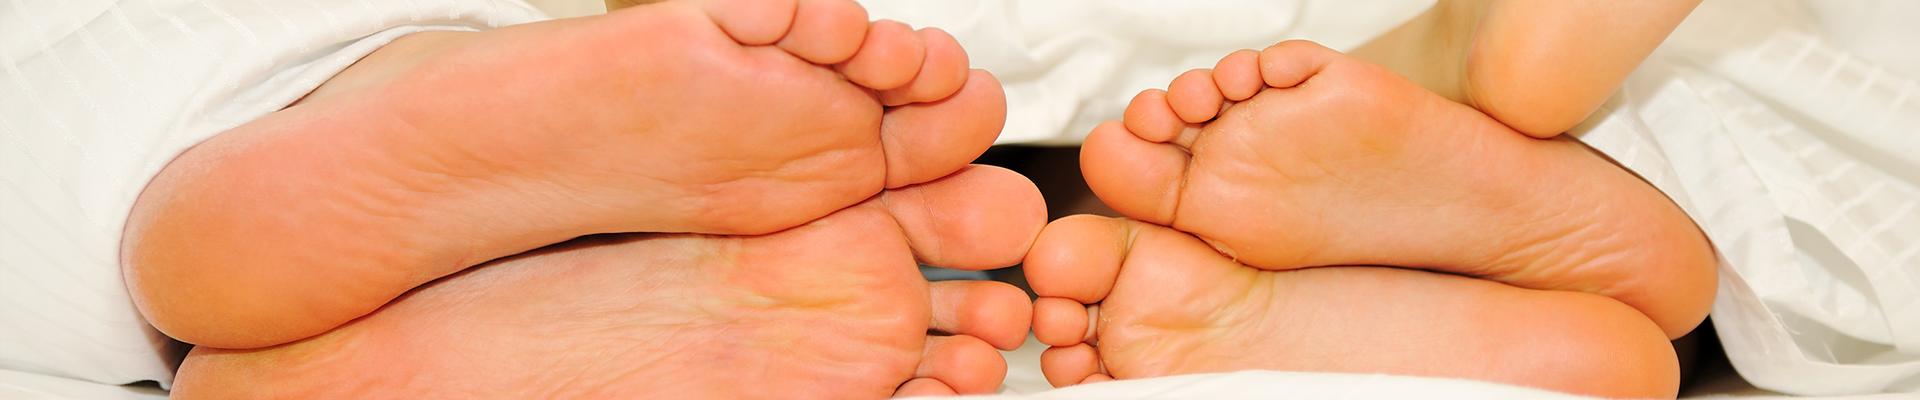 Voetklachten worden vaak voor lief genomen. Maar als je er niets aan doet kunnen het slepende klachten worden en die kunnen weer andere klachten veroorzaken. Gevoelige en zwakke voeten kunnen van grote invloed zijn op de werking van het mechanisme dat de houding en beweging van ons lichaam bepaalt.